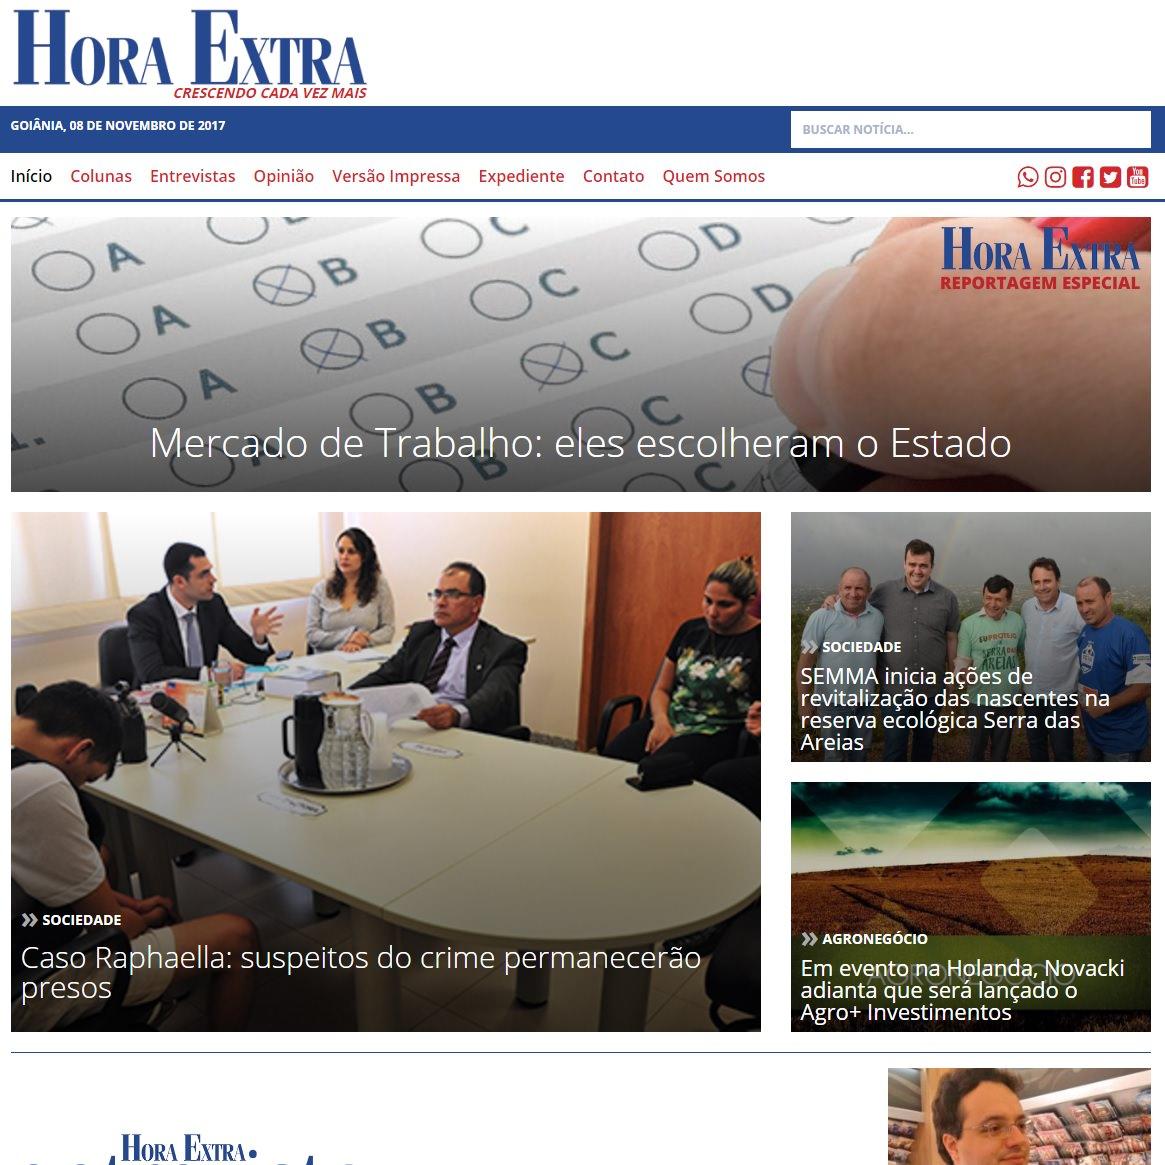 Jornal Hora Extra